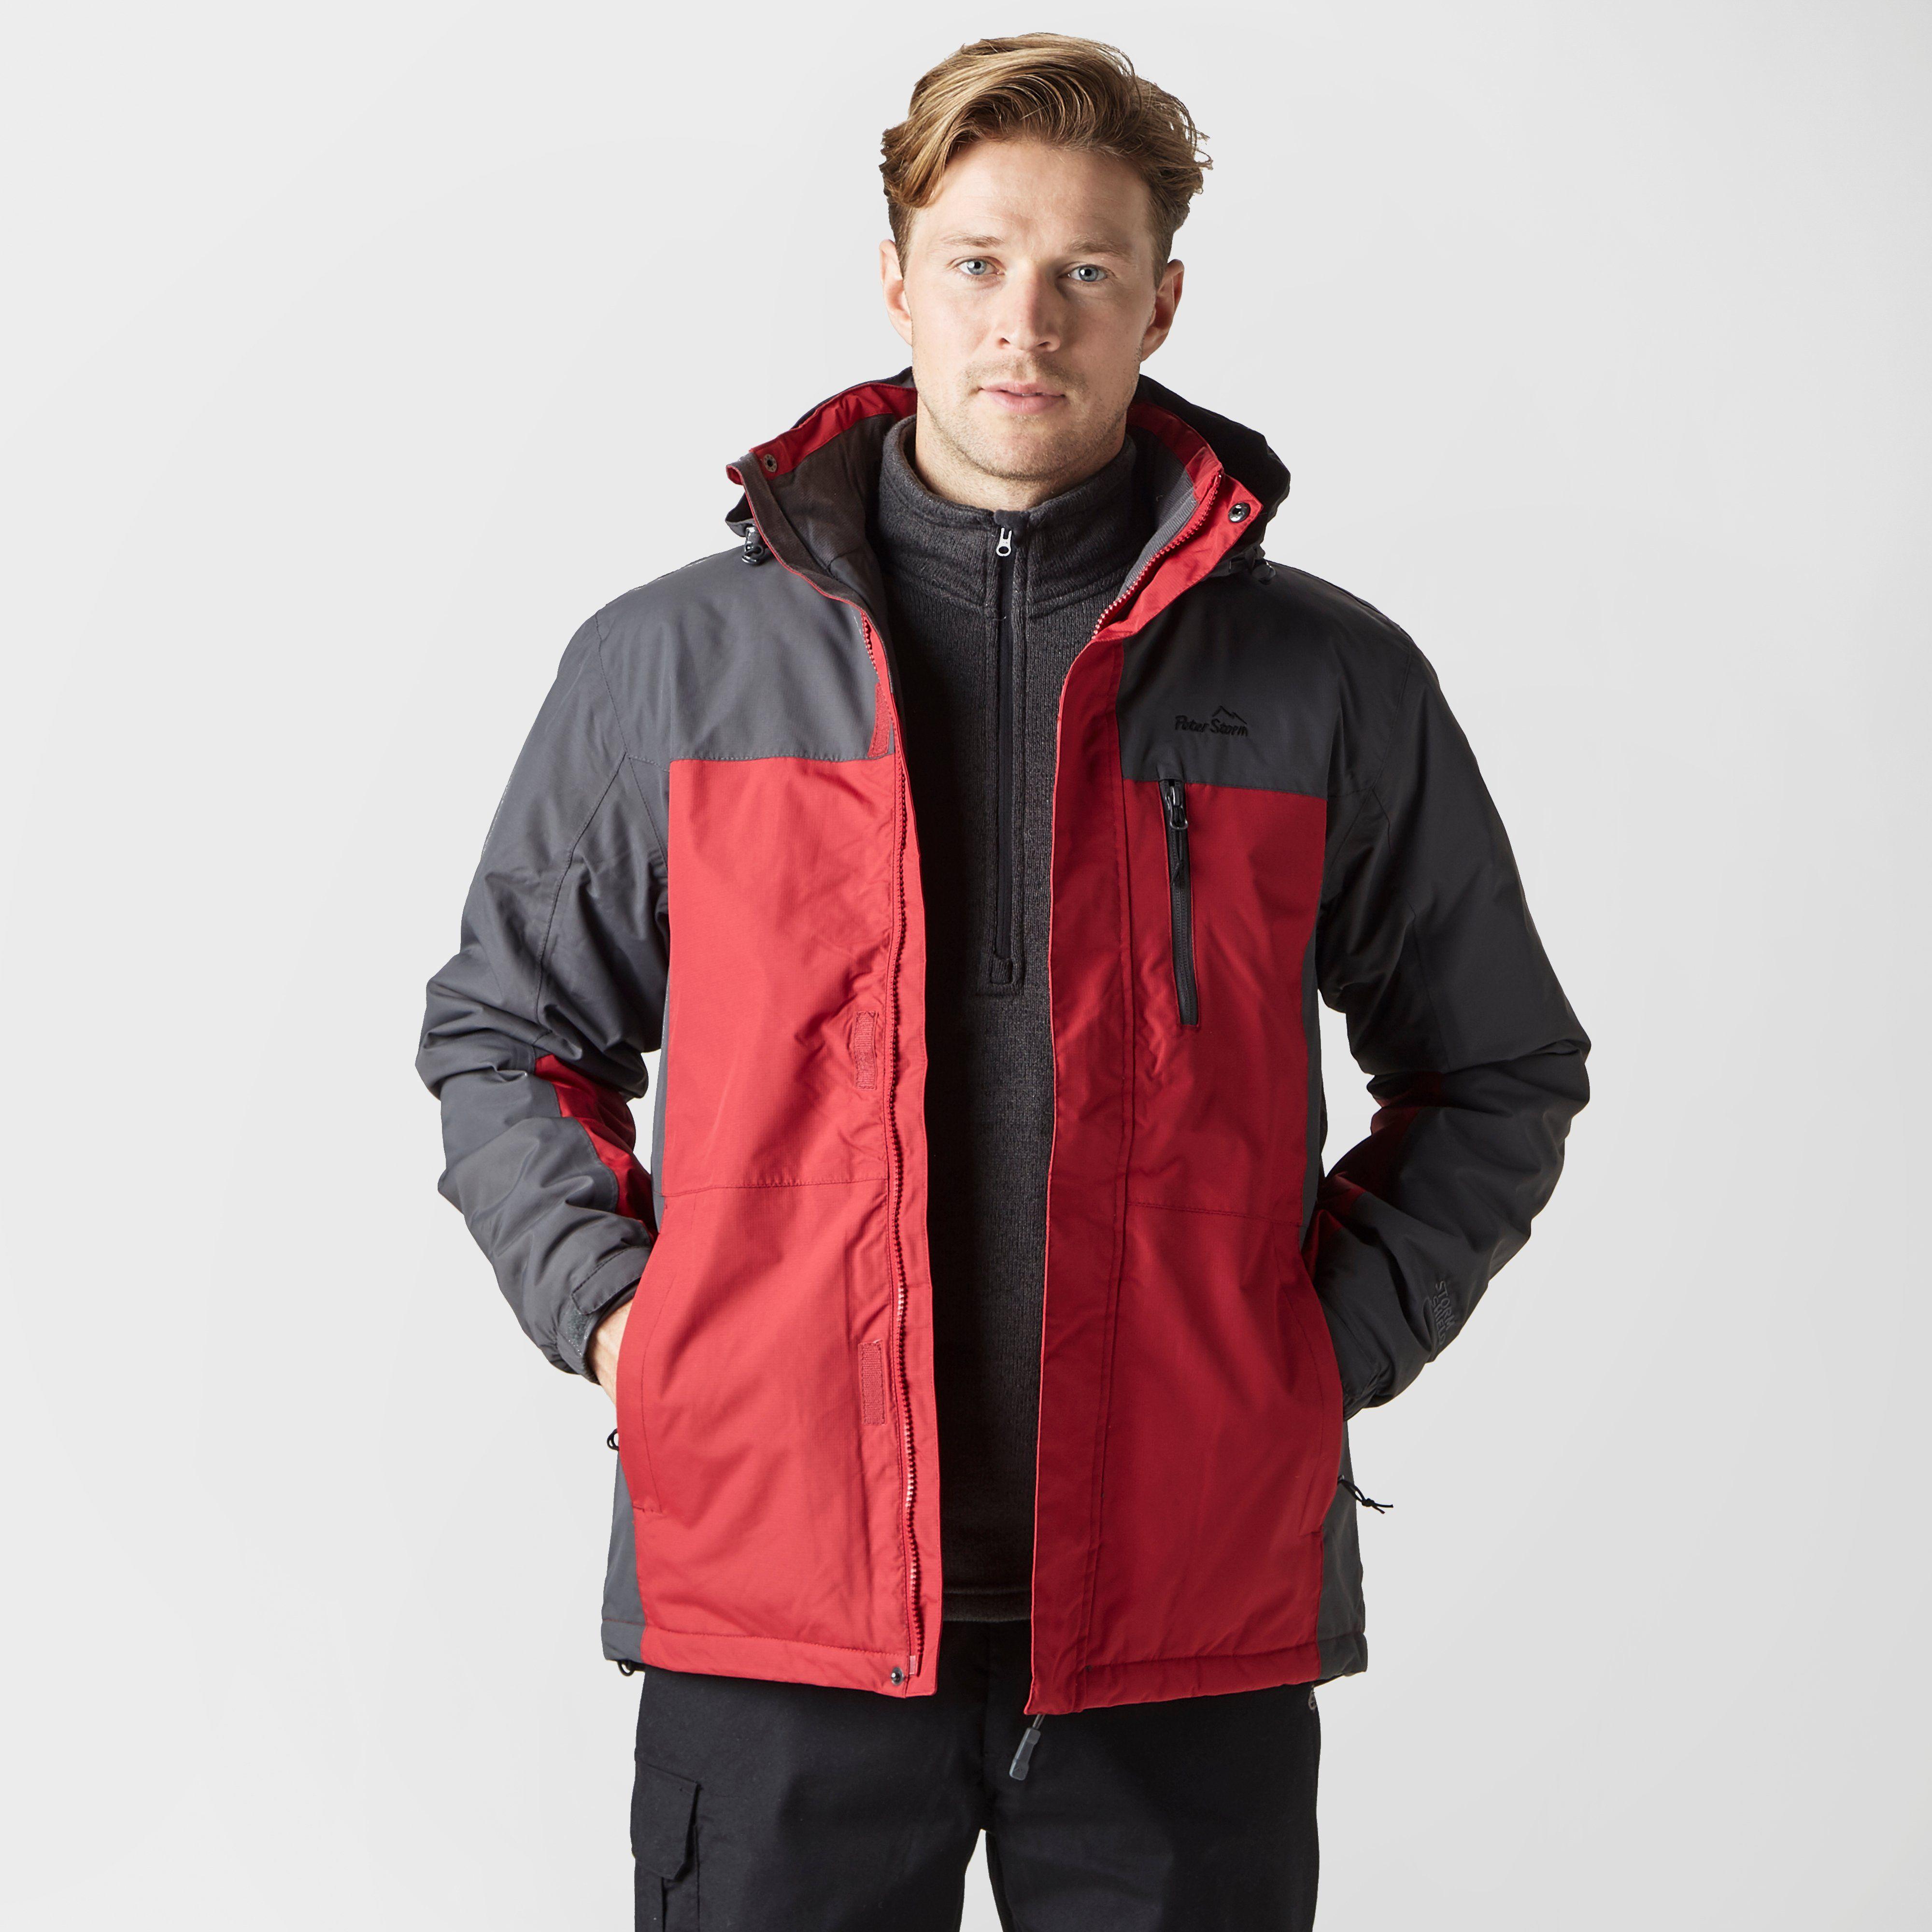 PETER STORM Men's Insulated Pennine Jacket